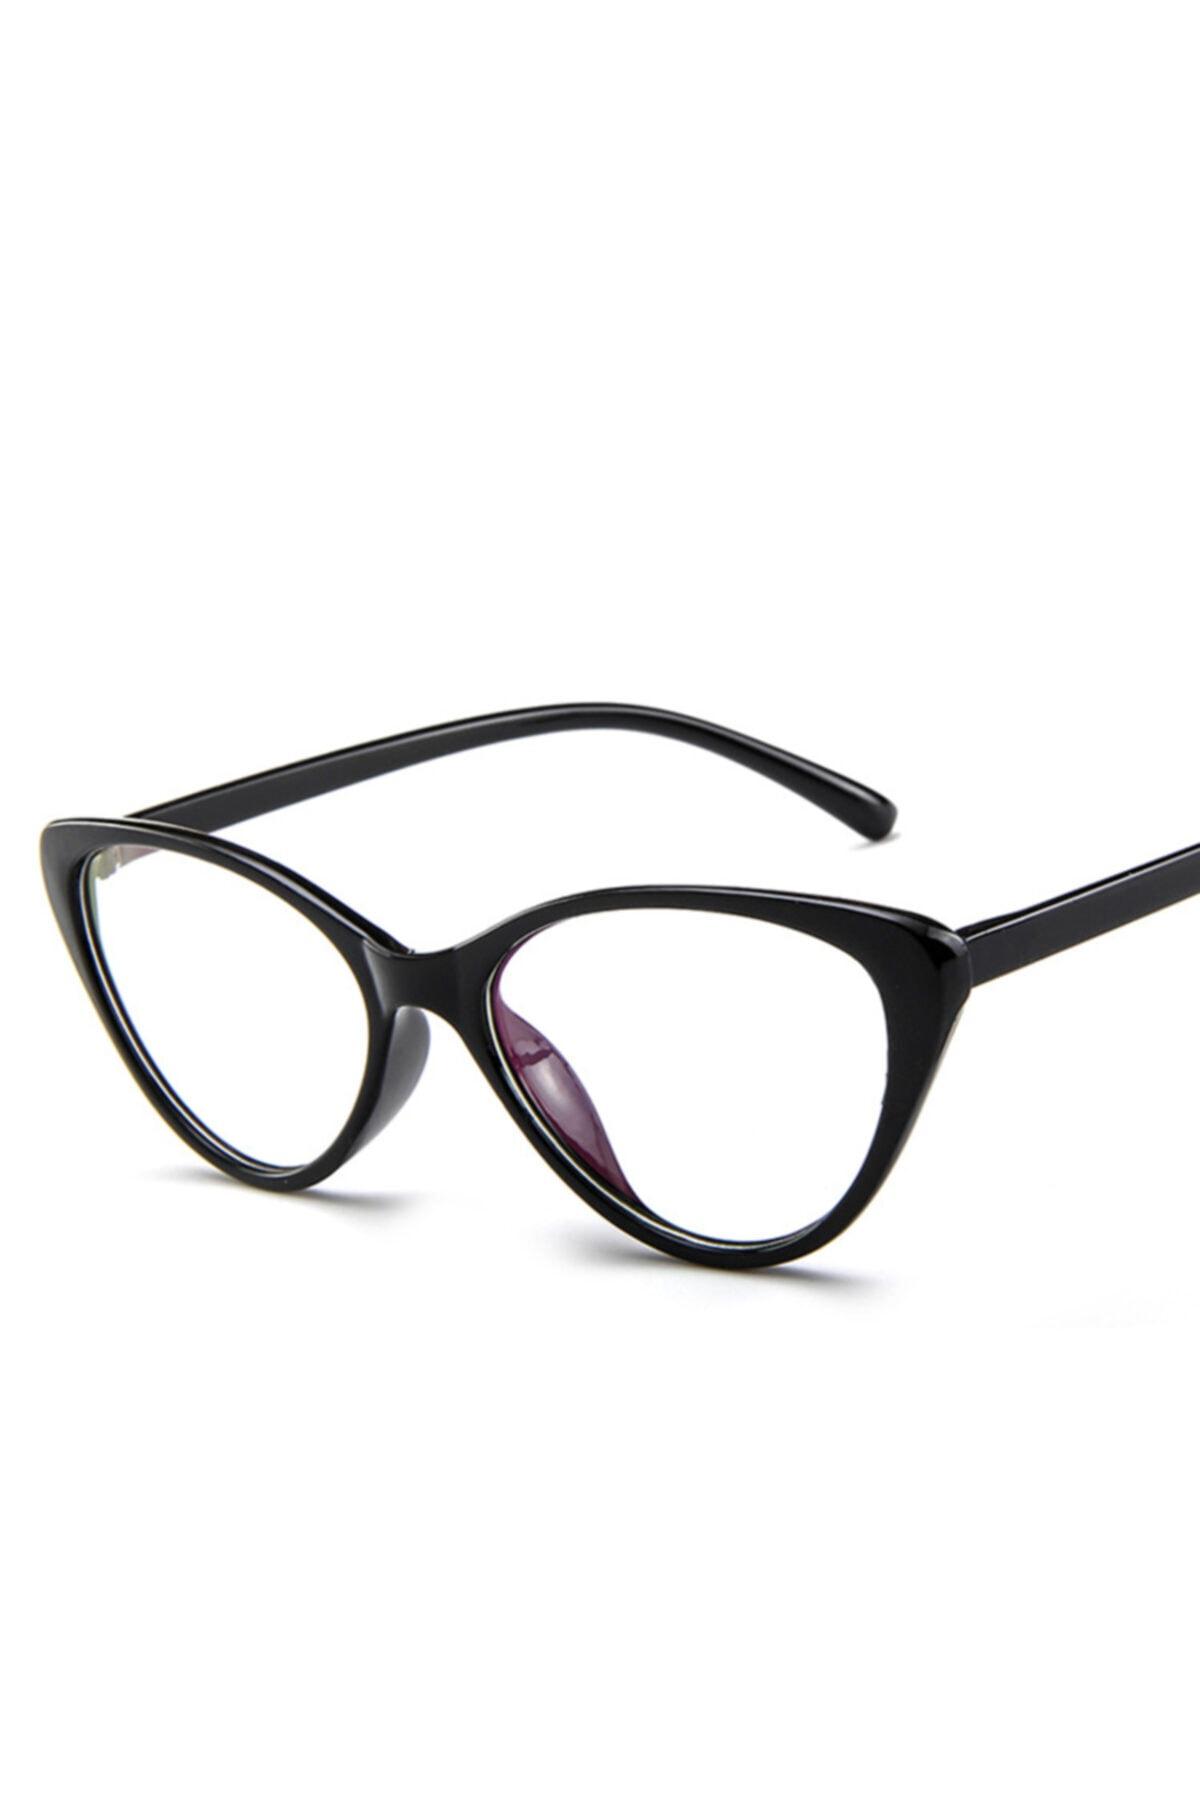 Müstesna Mavi Işık Blokeli Bilgisayar Ekran Koruma Gözlüğü Kadın Modelleri Koruyucu Iş Gözlük 1